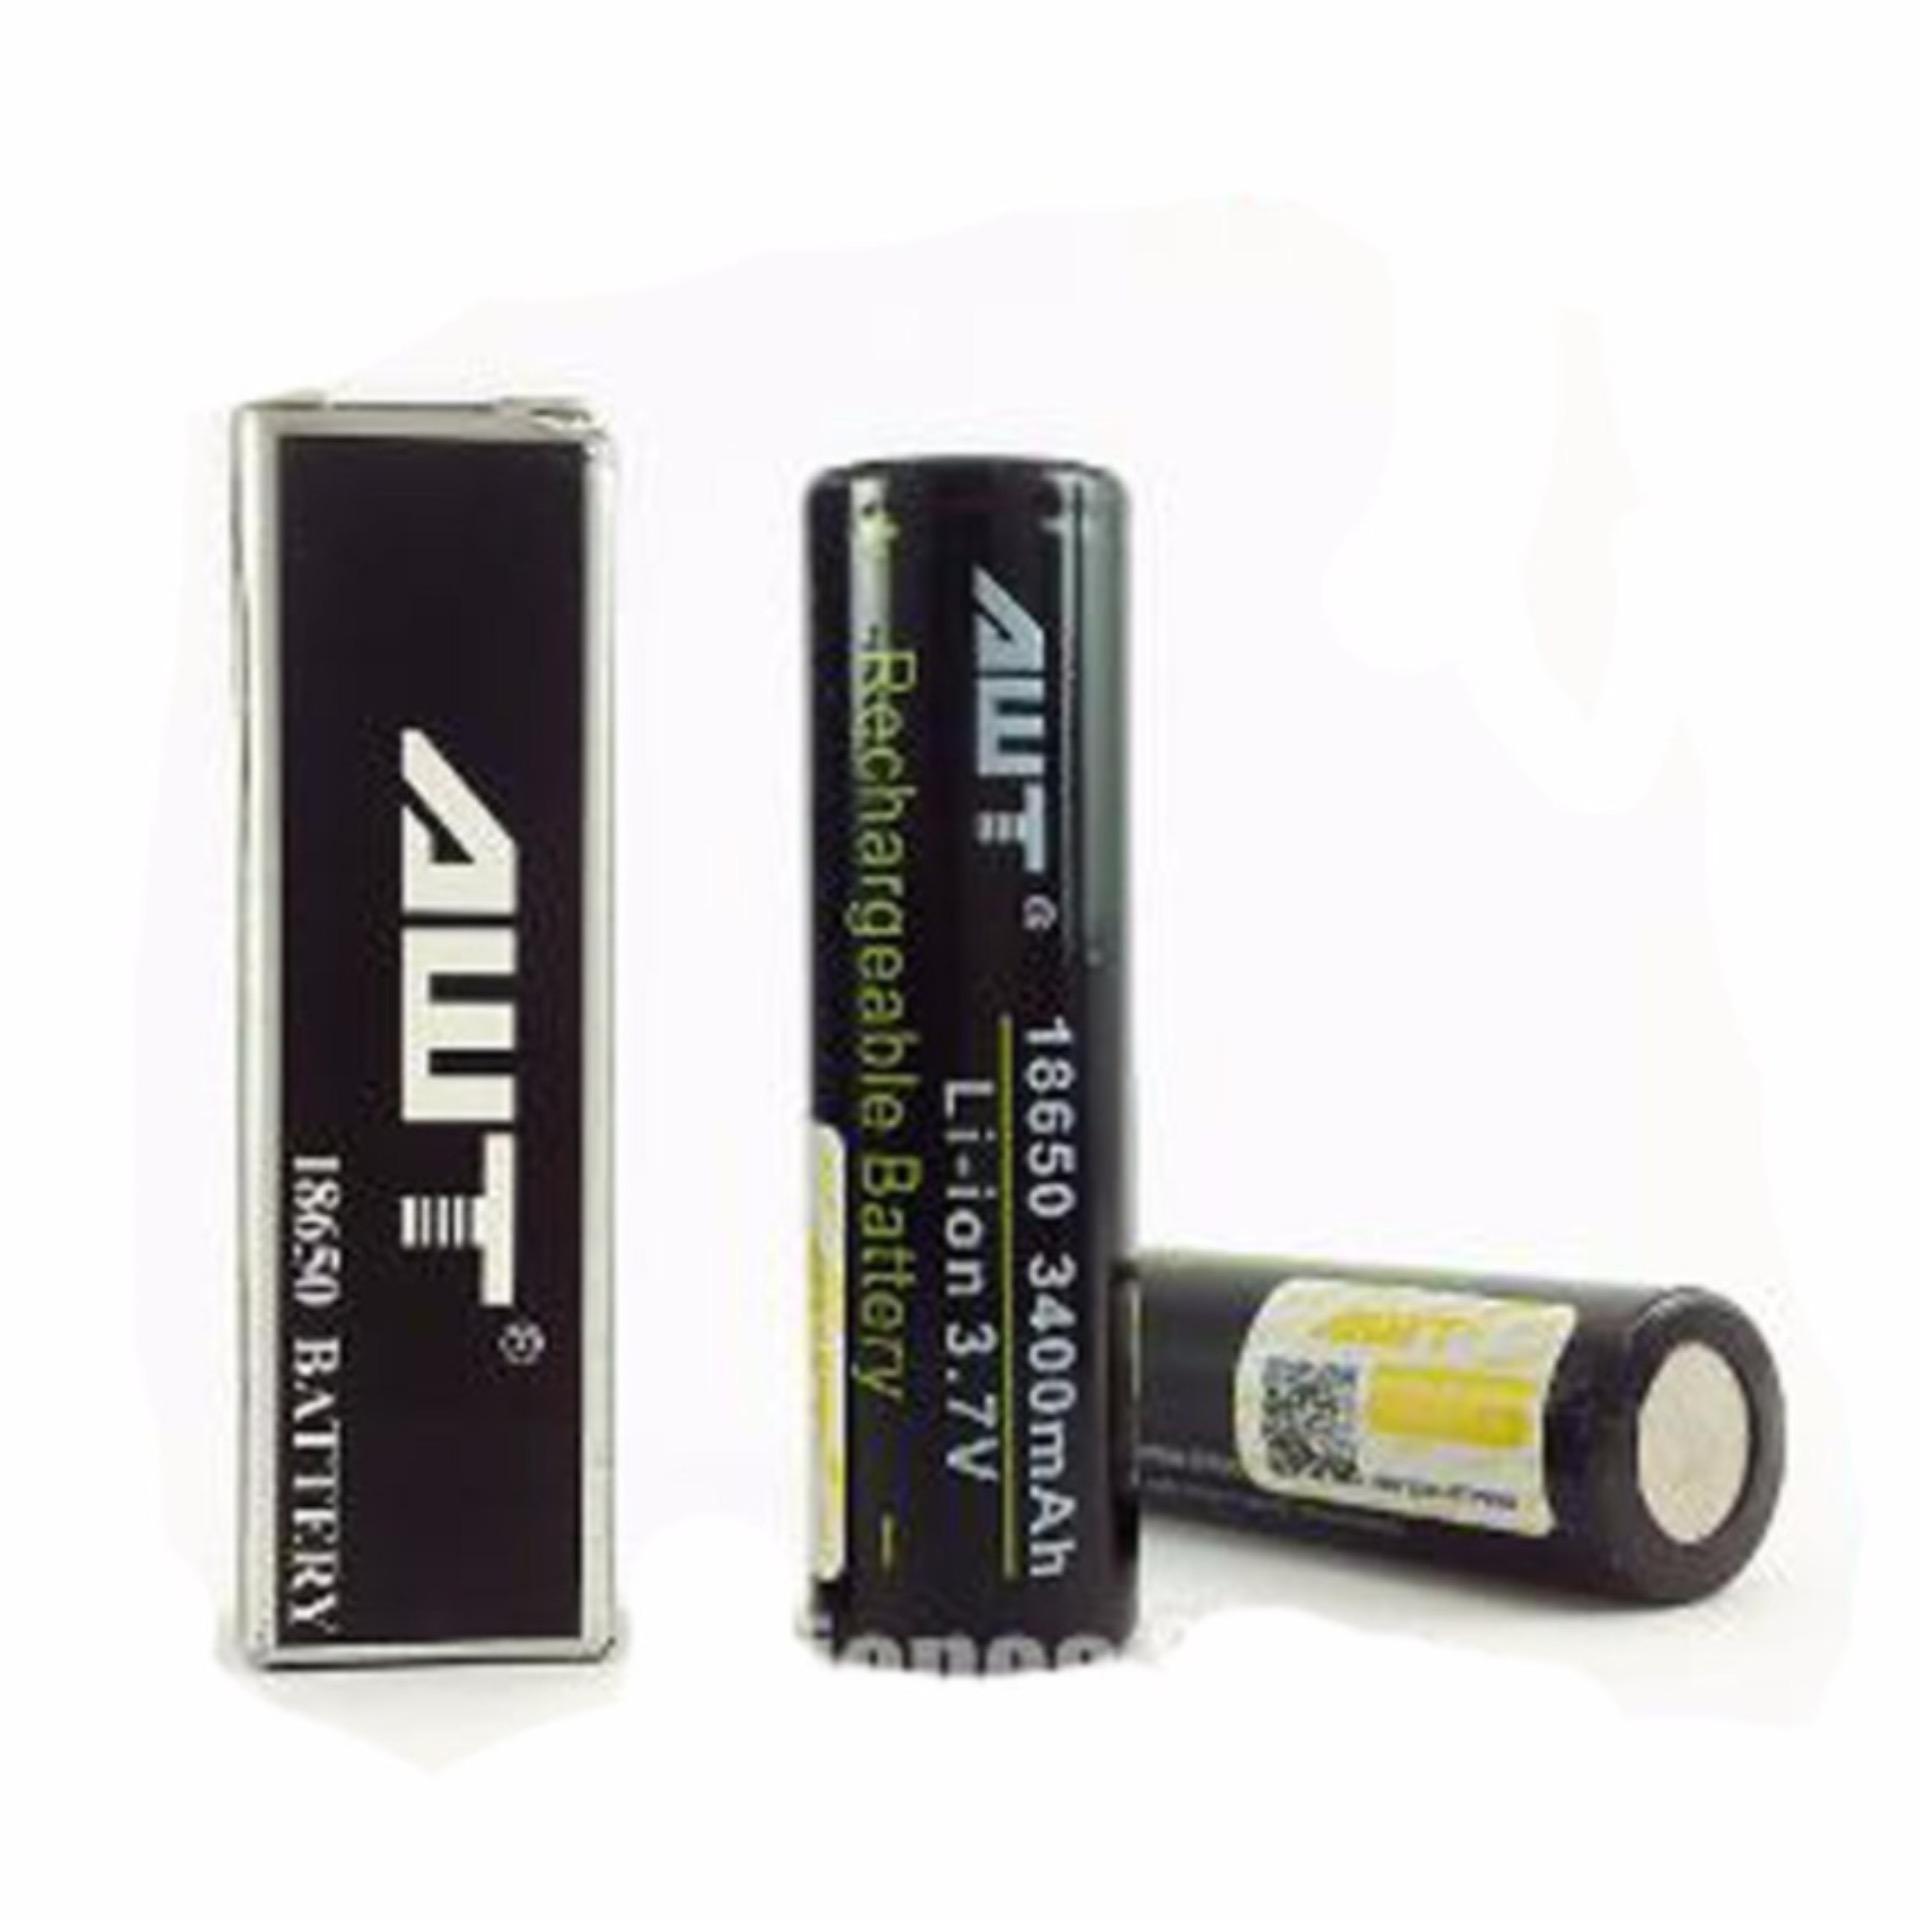 Aneka Baterai Aksesoris Batre Cas Energizer Recharge Maxi Aa A2 2pc Awt 18650 37v 3400mah Original Hitam